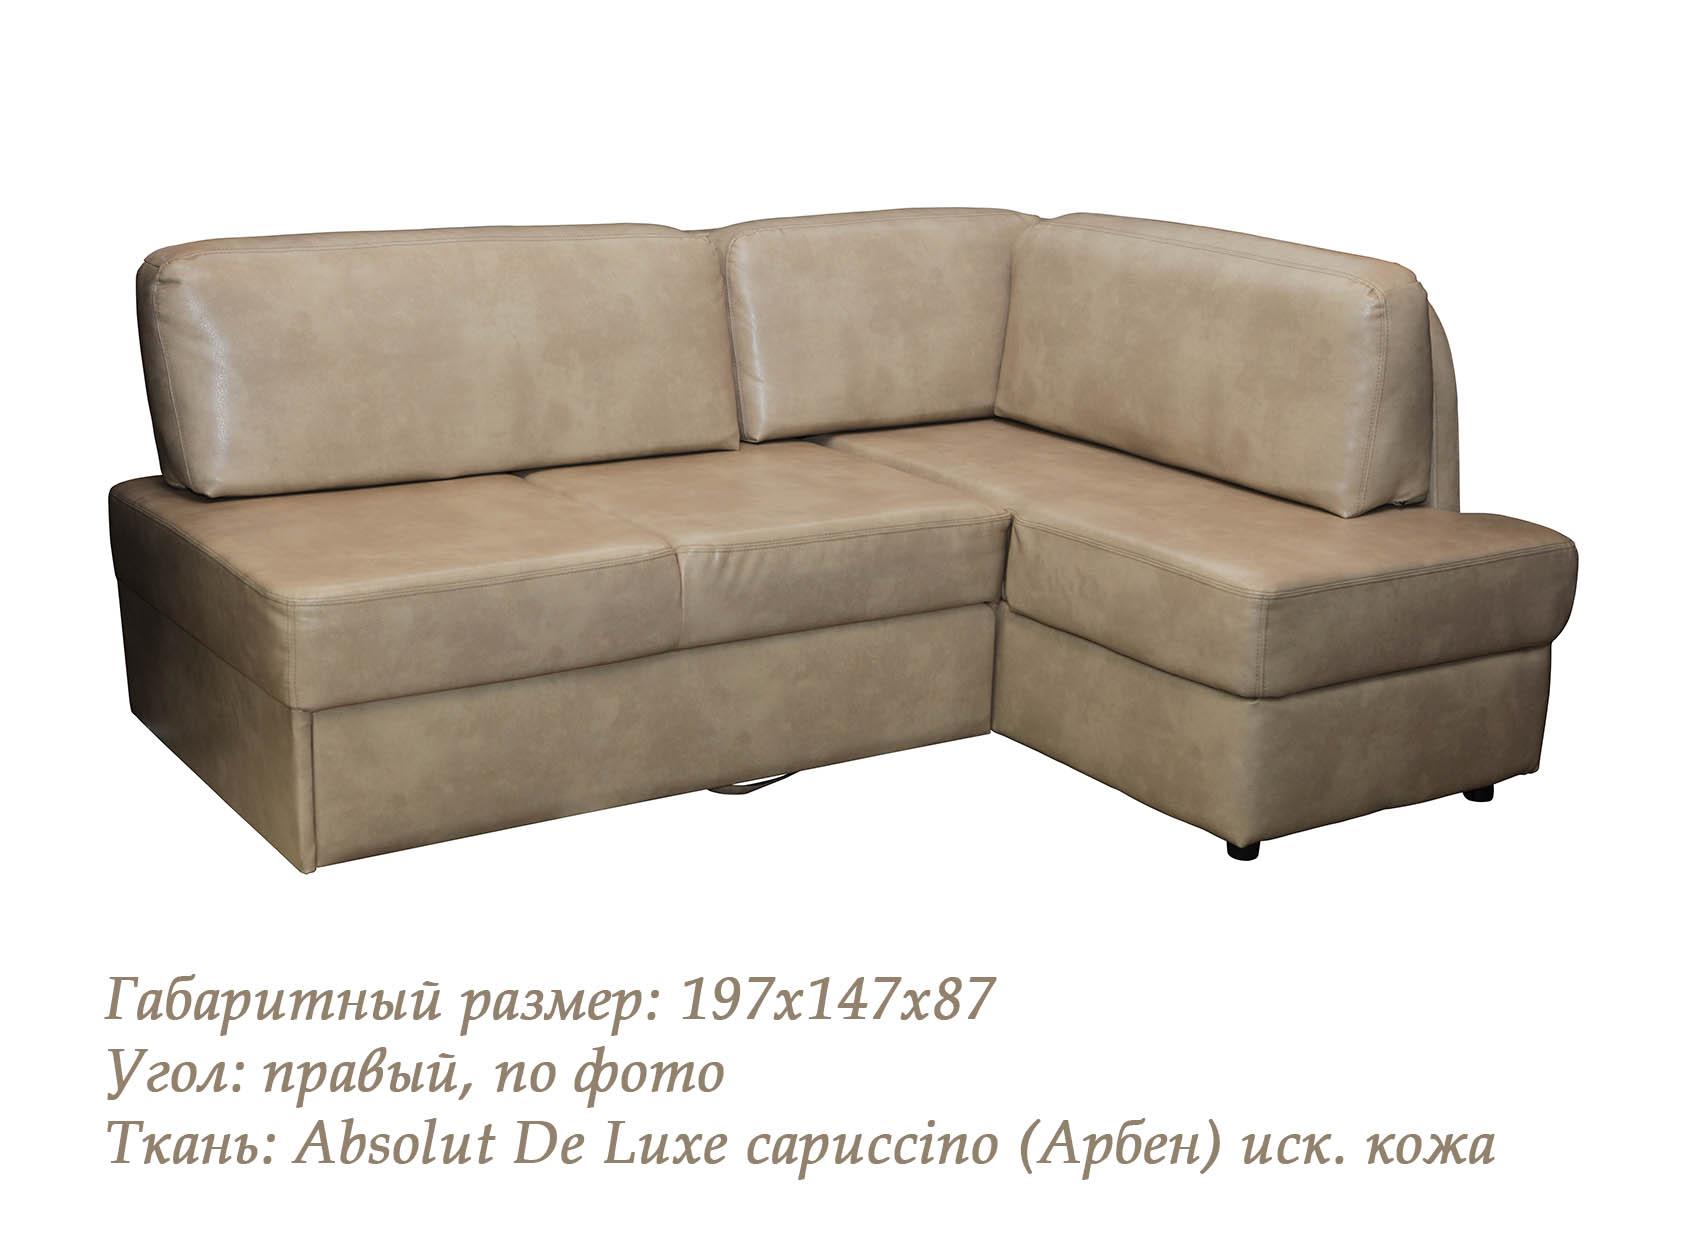 Угловой диван Агат без подлокотников-м836